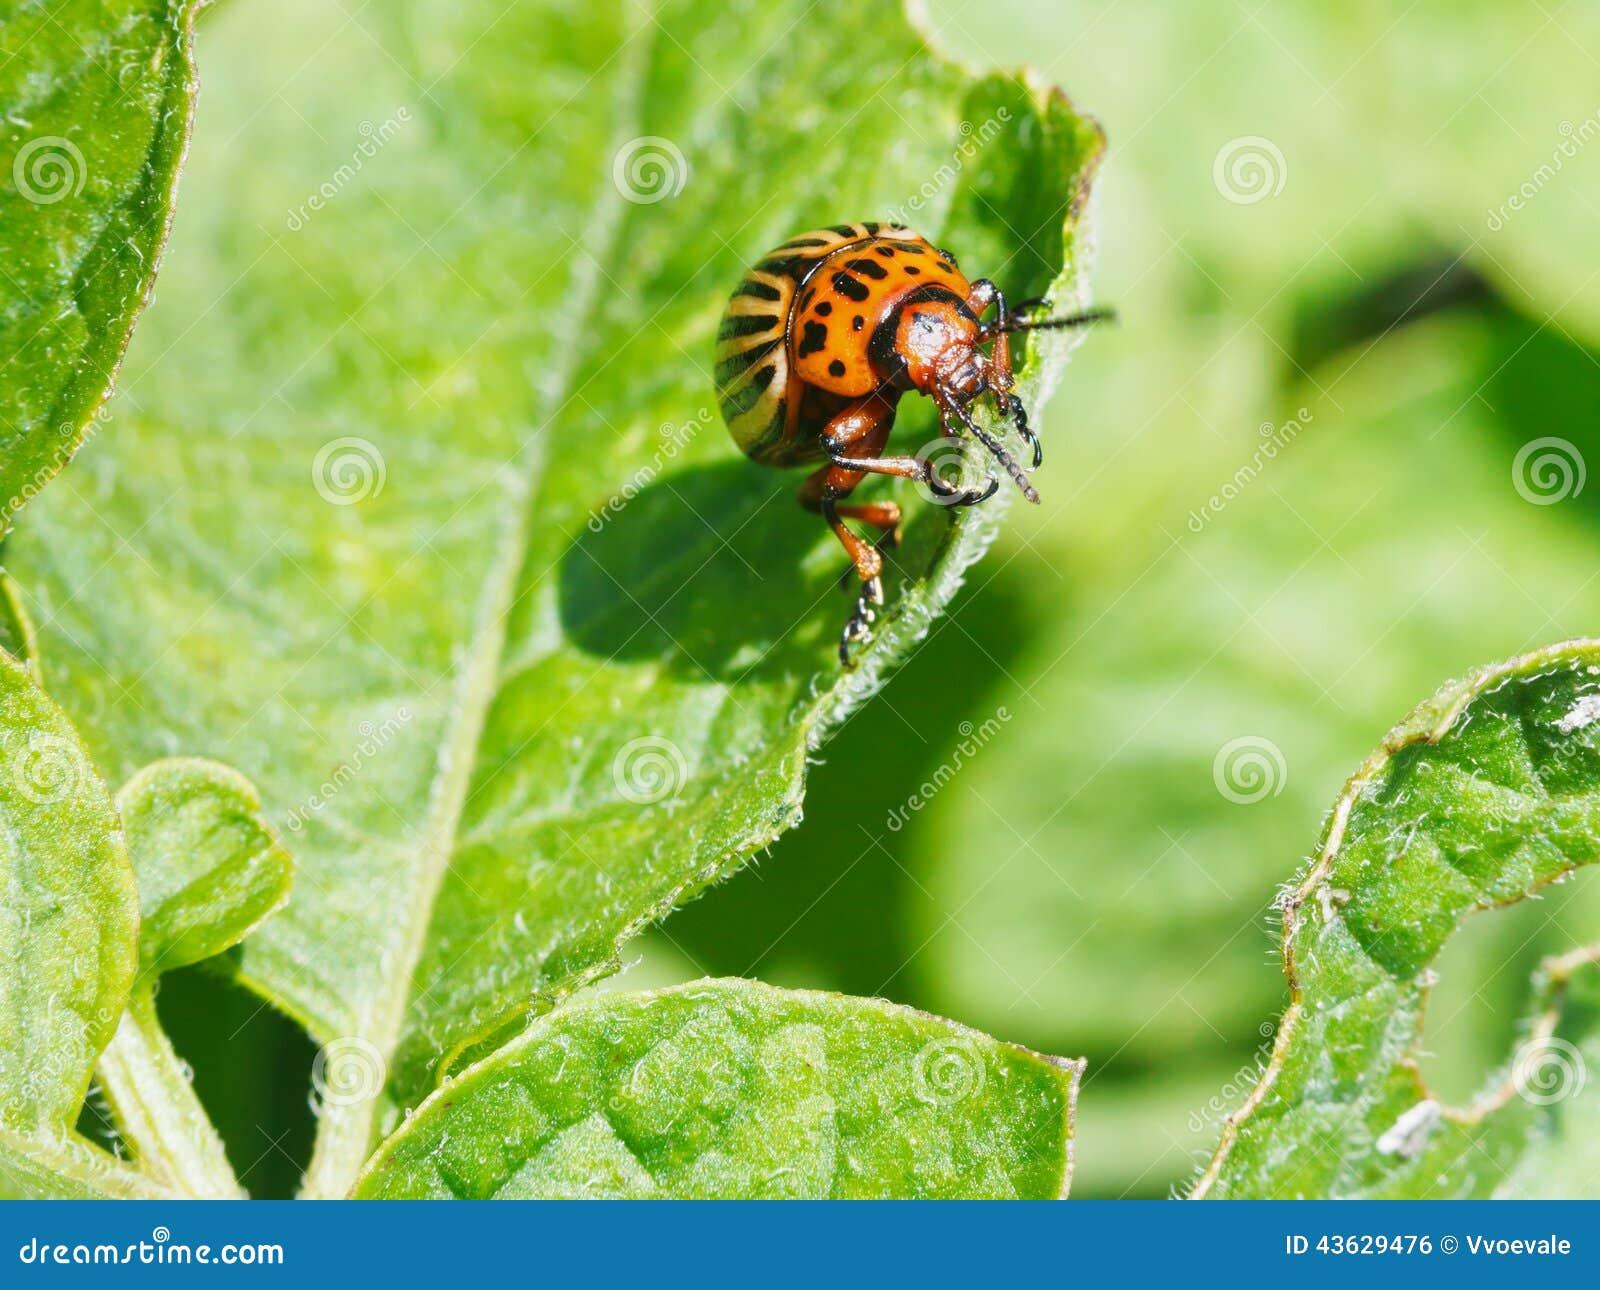 Potato bug eats potatoes leaves